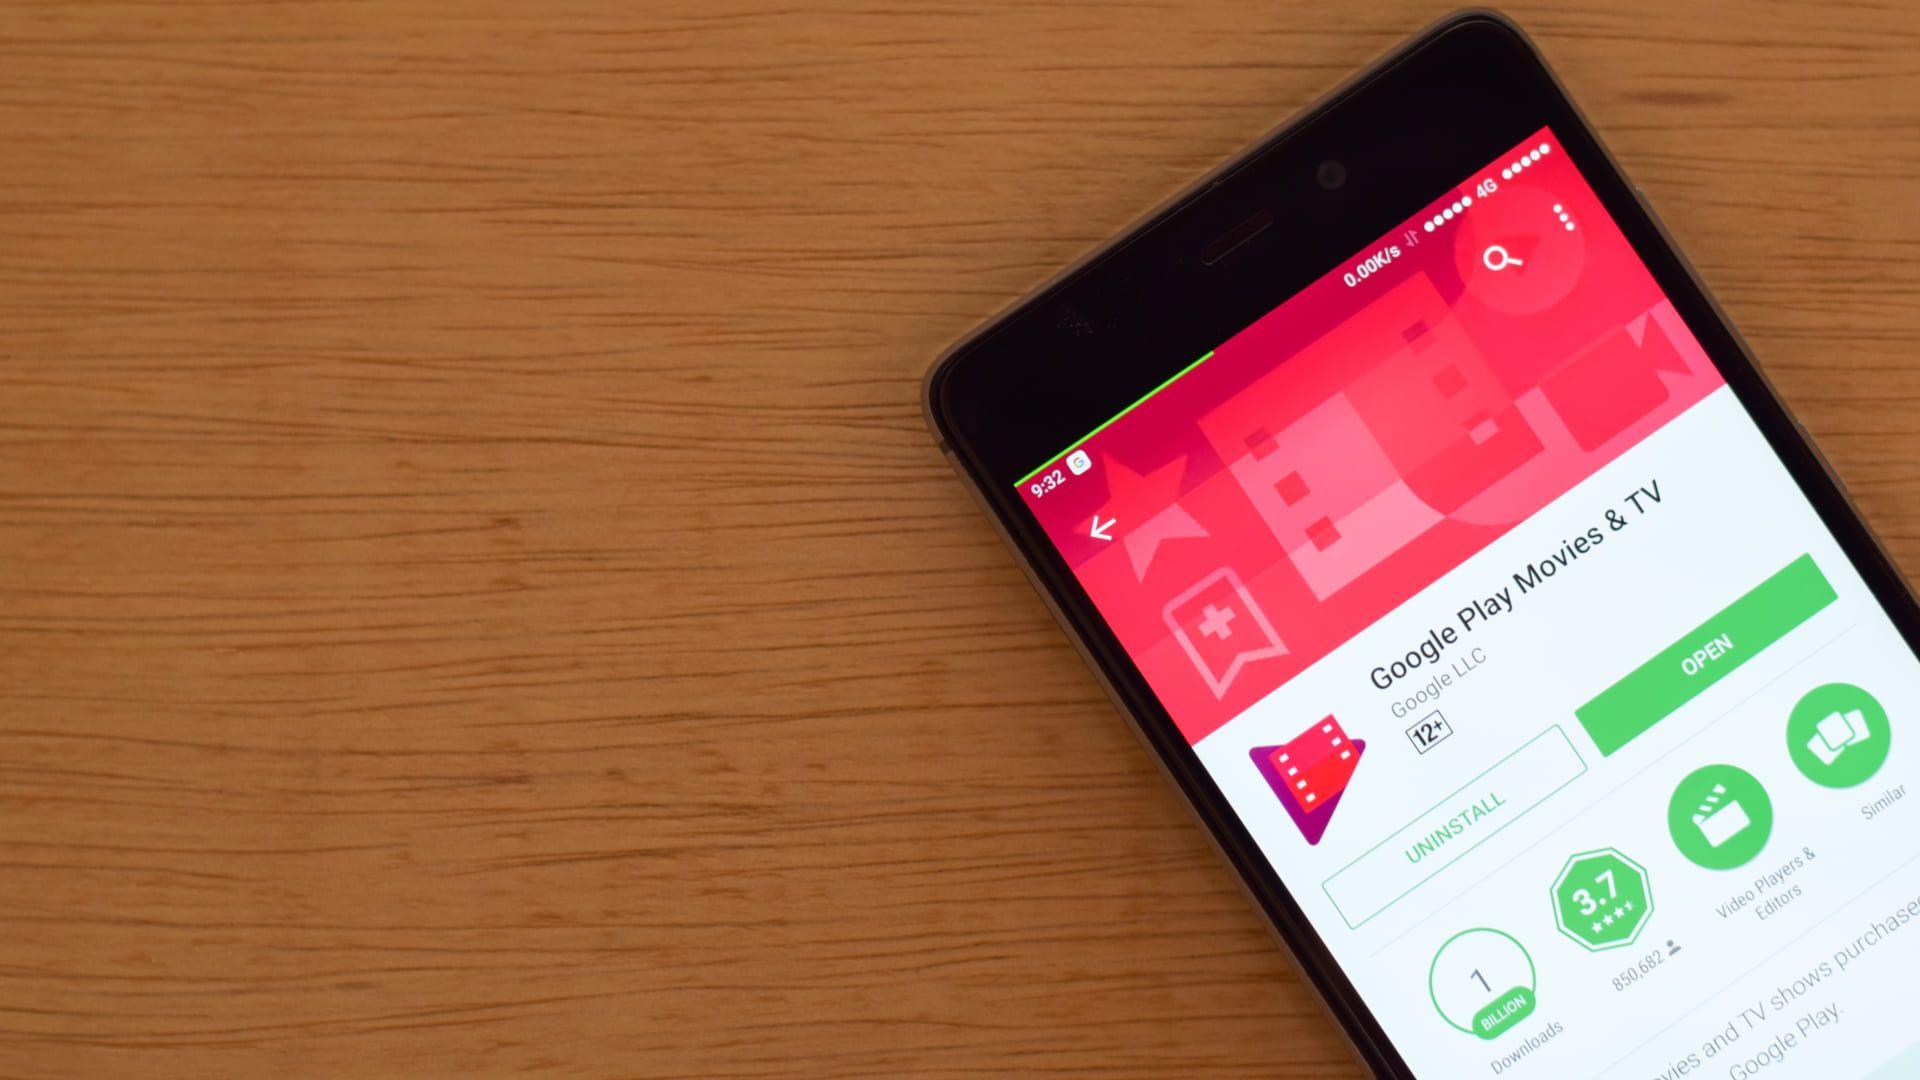 Google Play Filmes e TV aberto na Play Store de um celular Android.